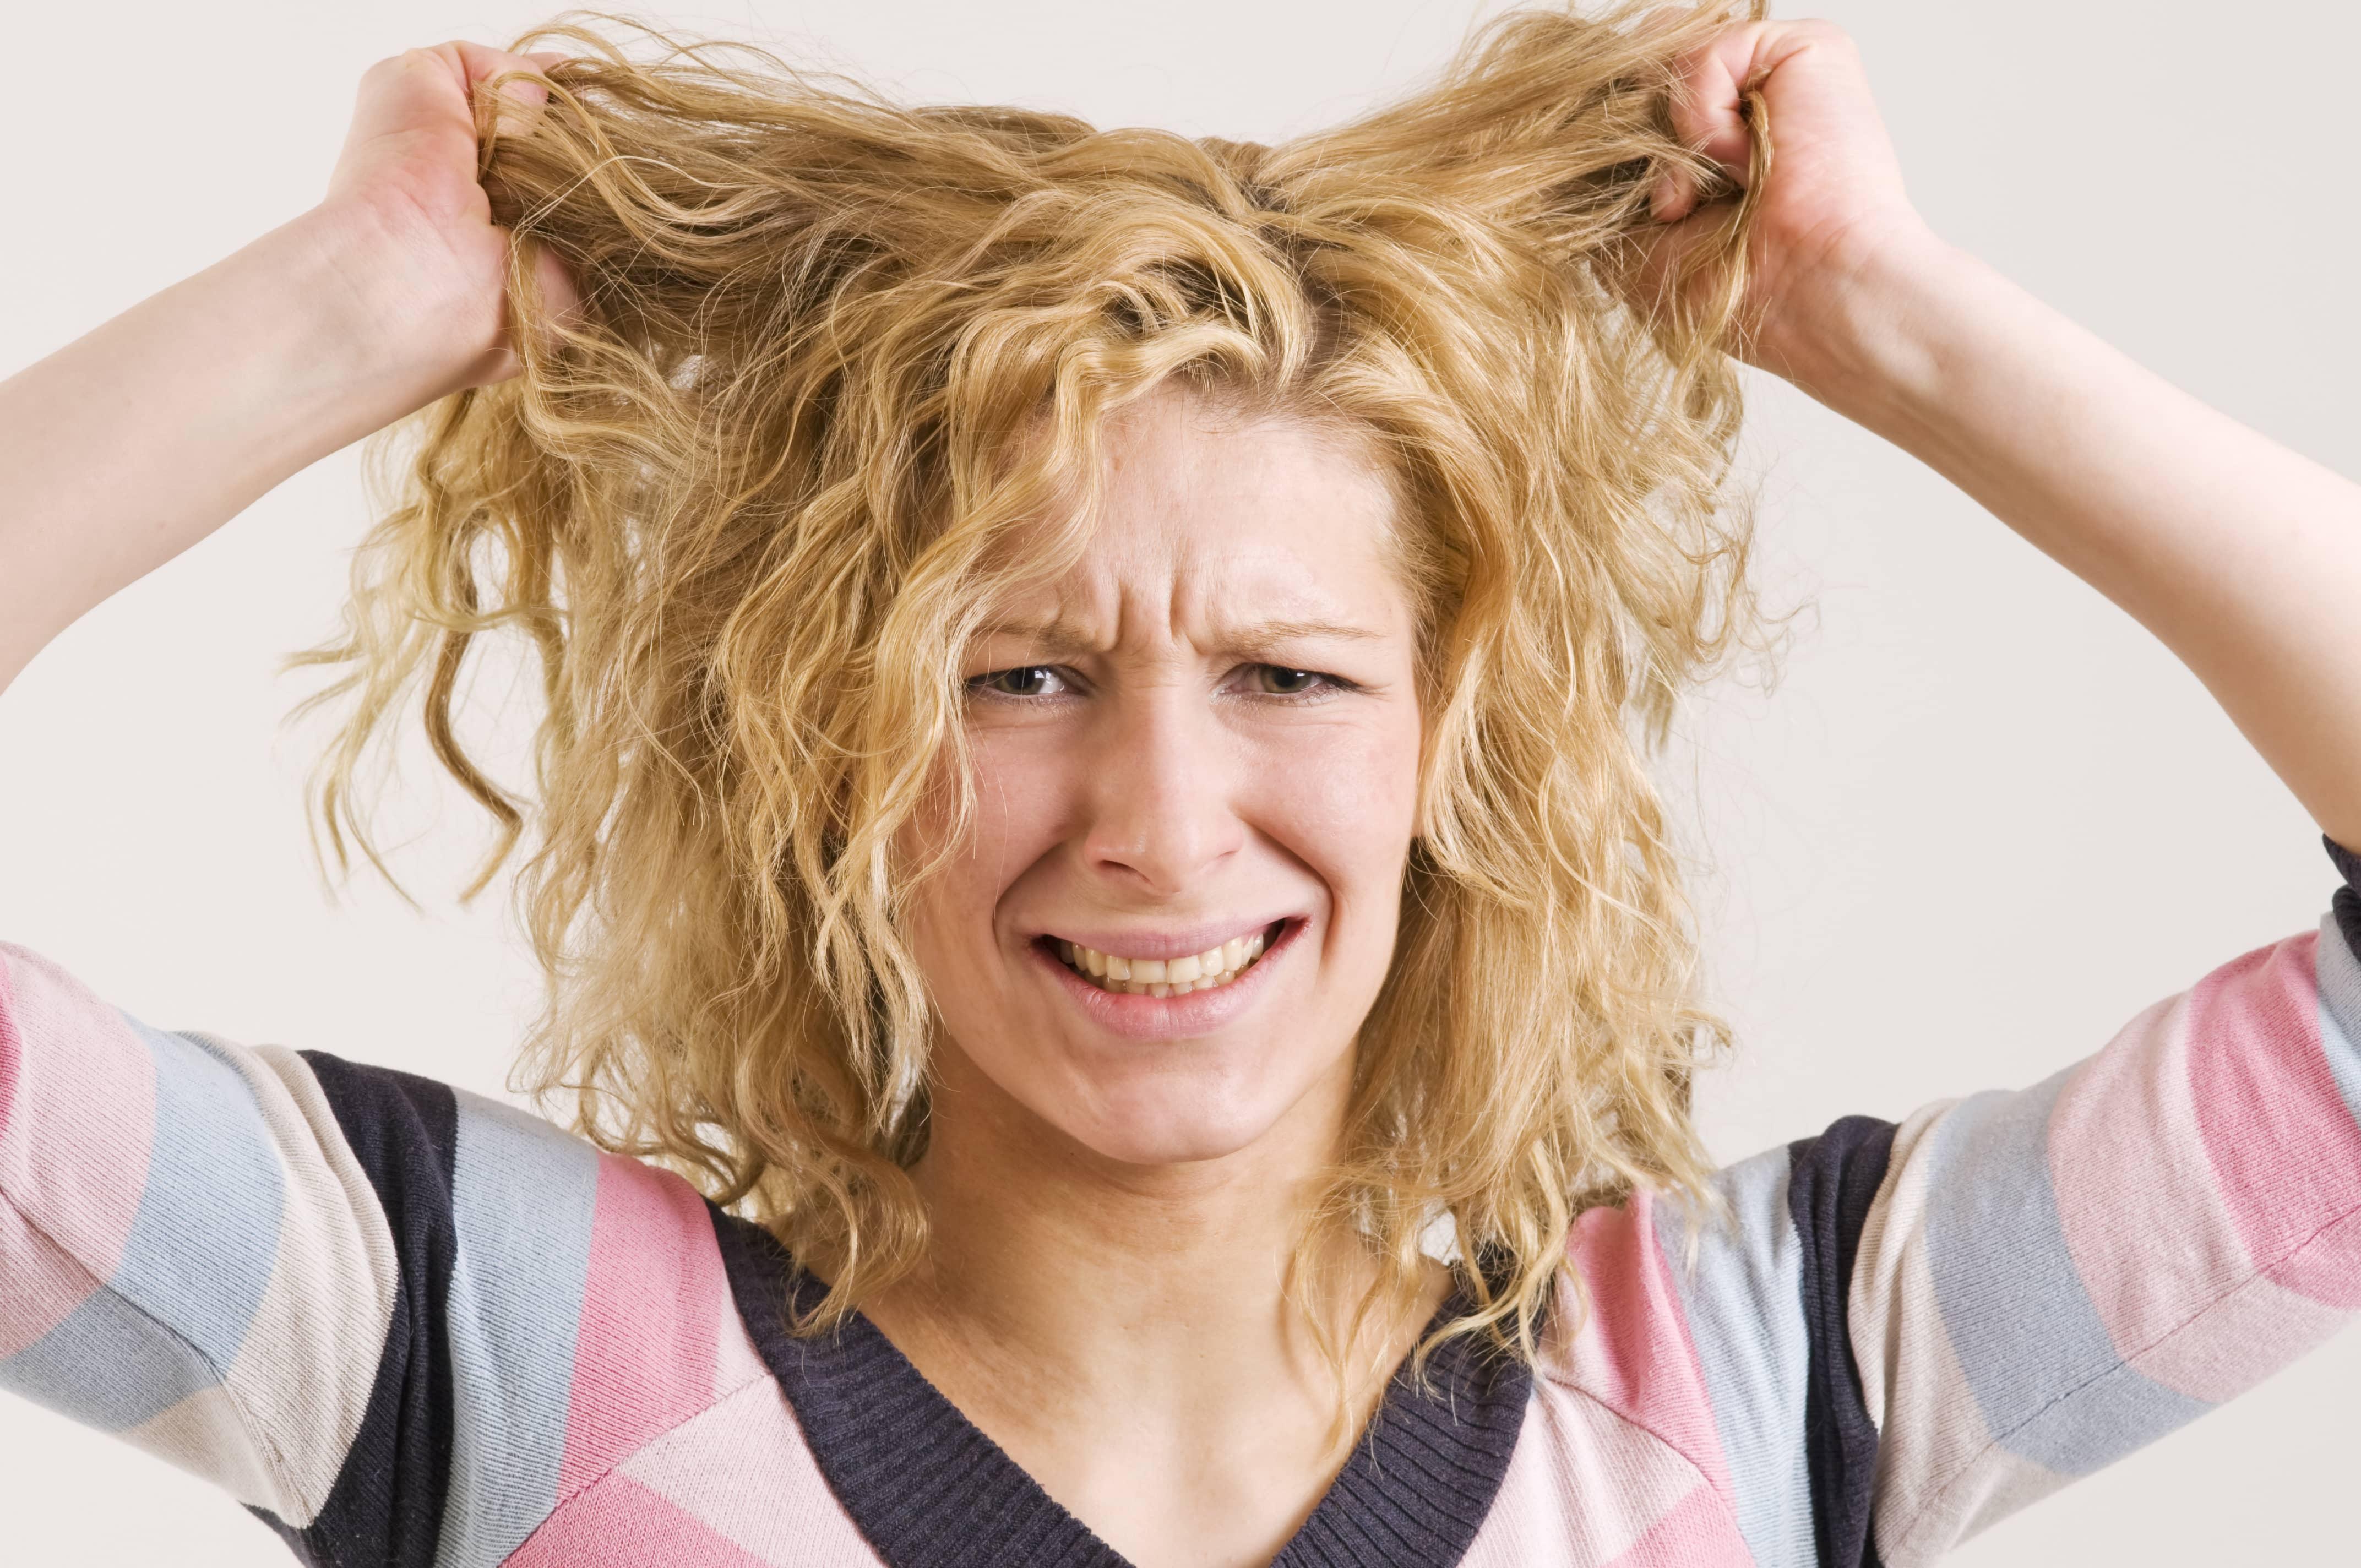 髪を持ち上げる金髪の女性